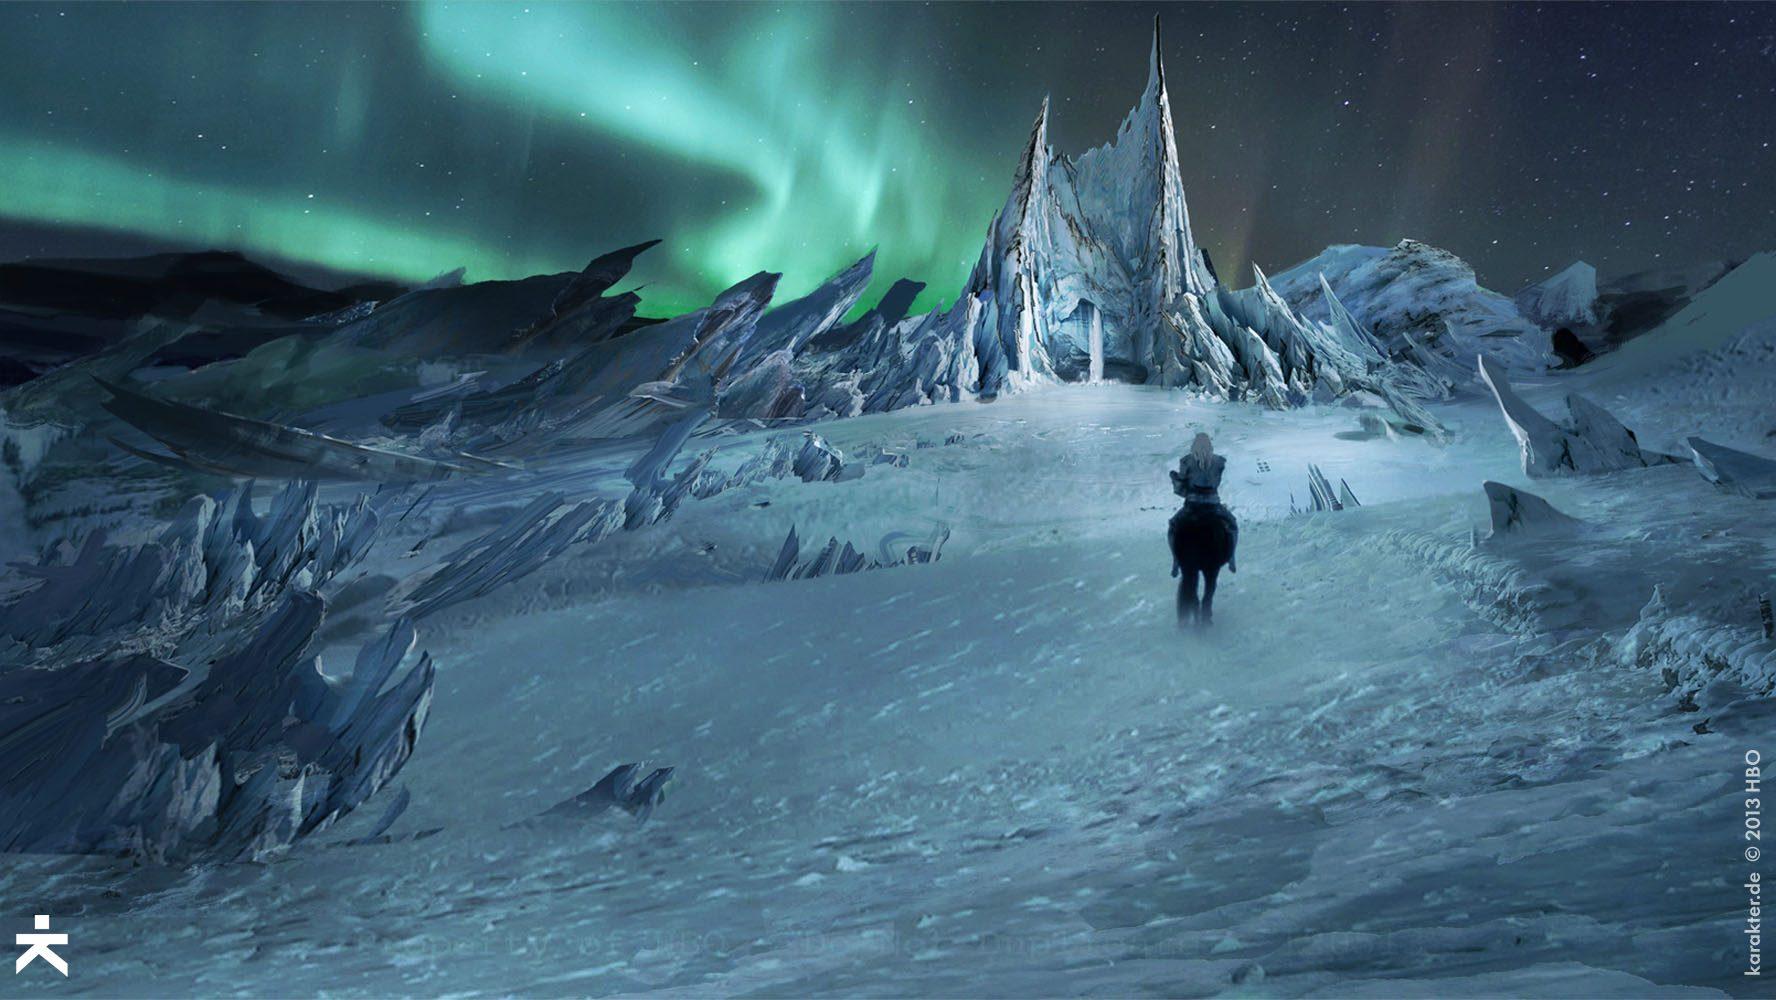 Más allá del Muro Temporada 4 - 30 imágenes de Concept Art de Juego de Tronos Sorprendentes